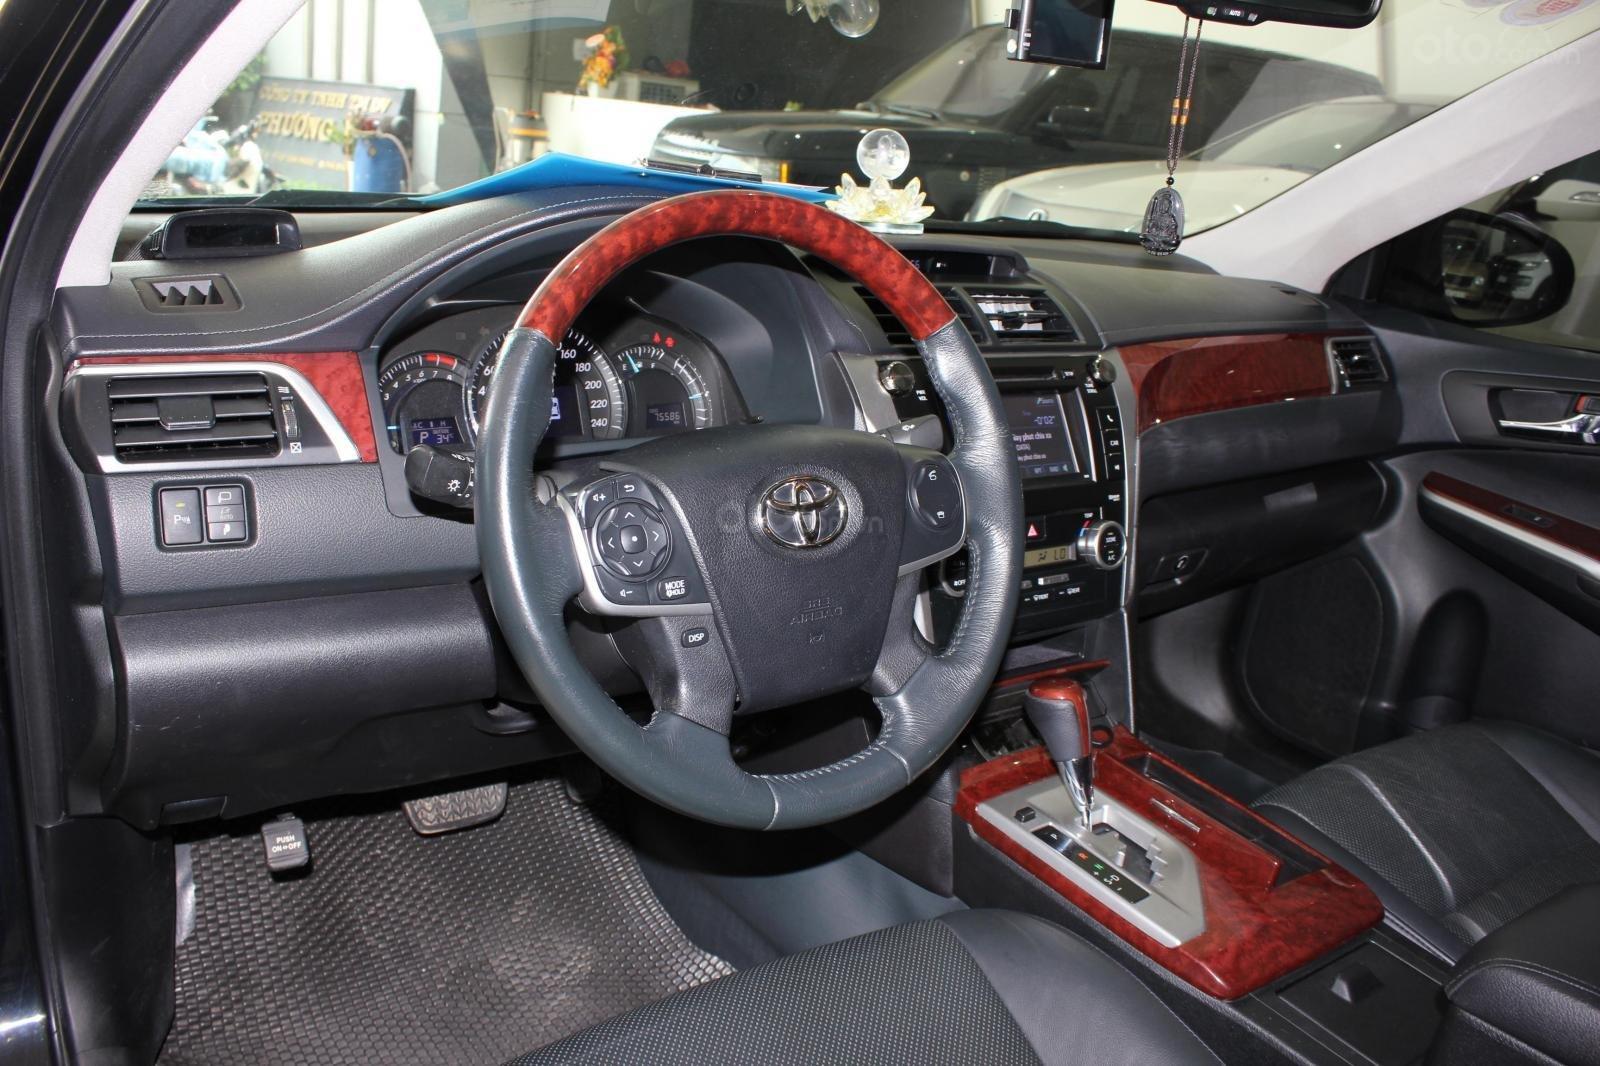 Cần bán Toyota Camry 2.5 Q 2013 bản full, màu đen, giá chỉ 755 triệu (9)